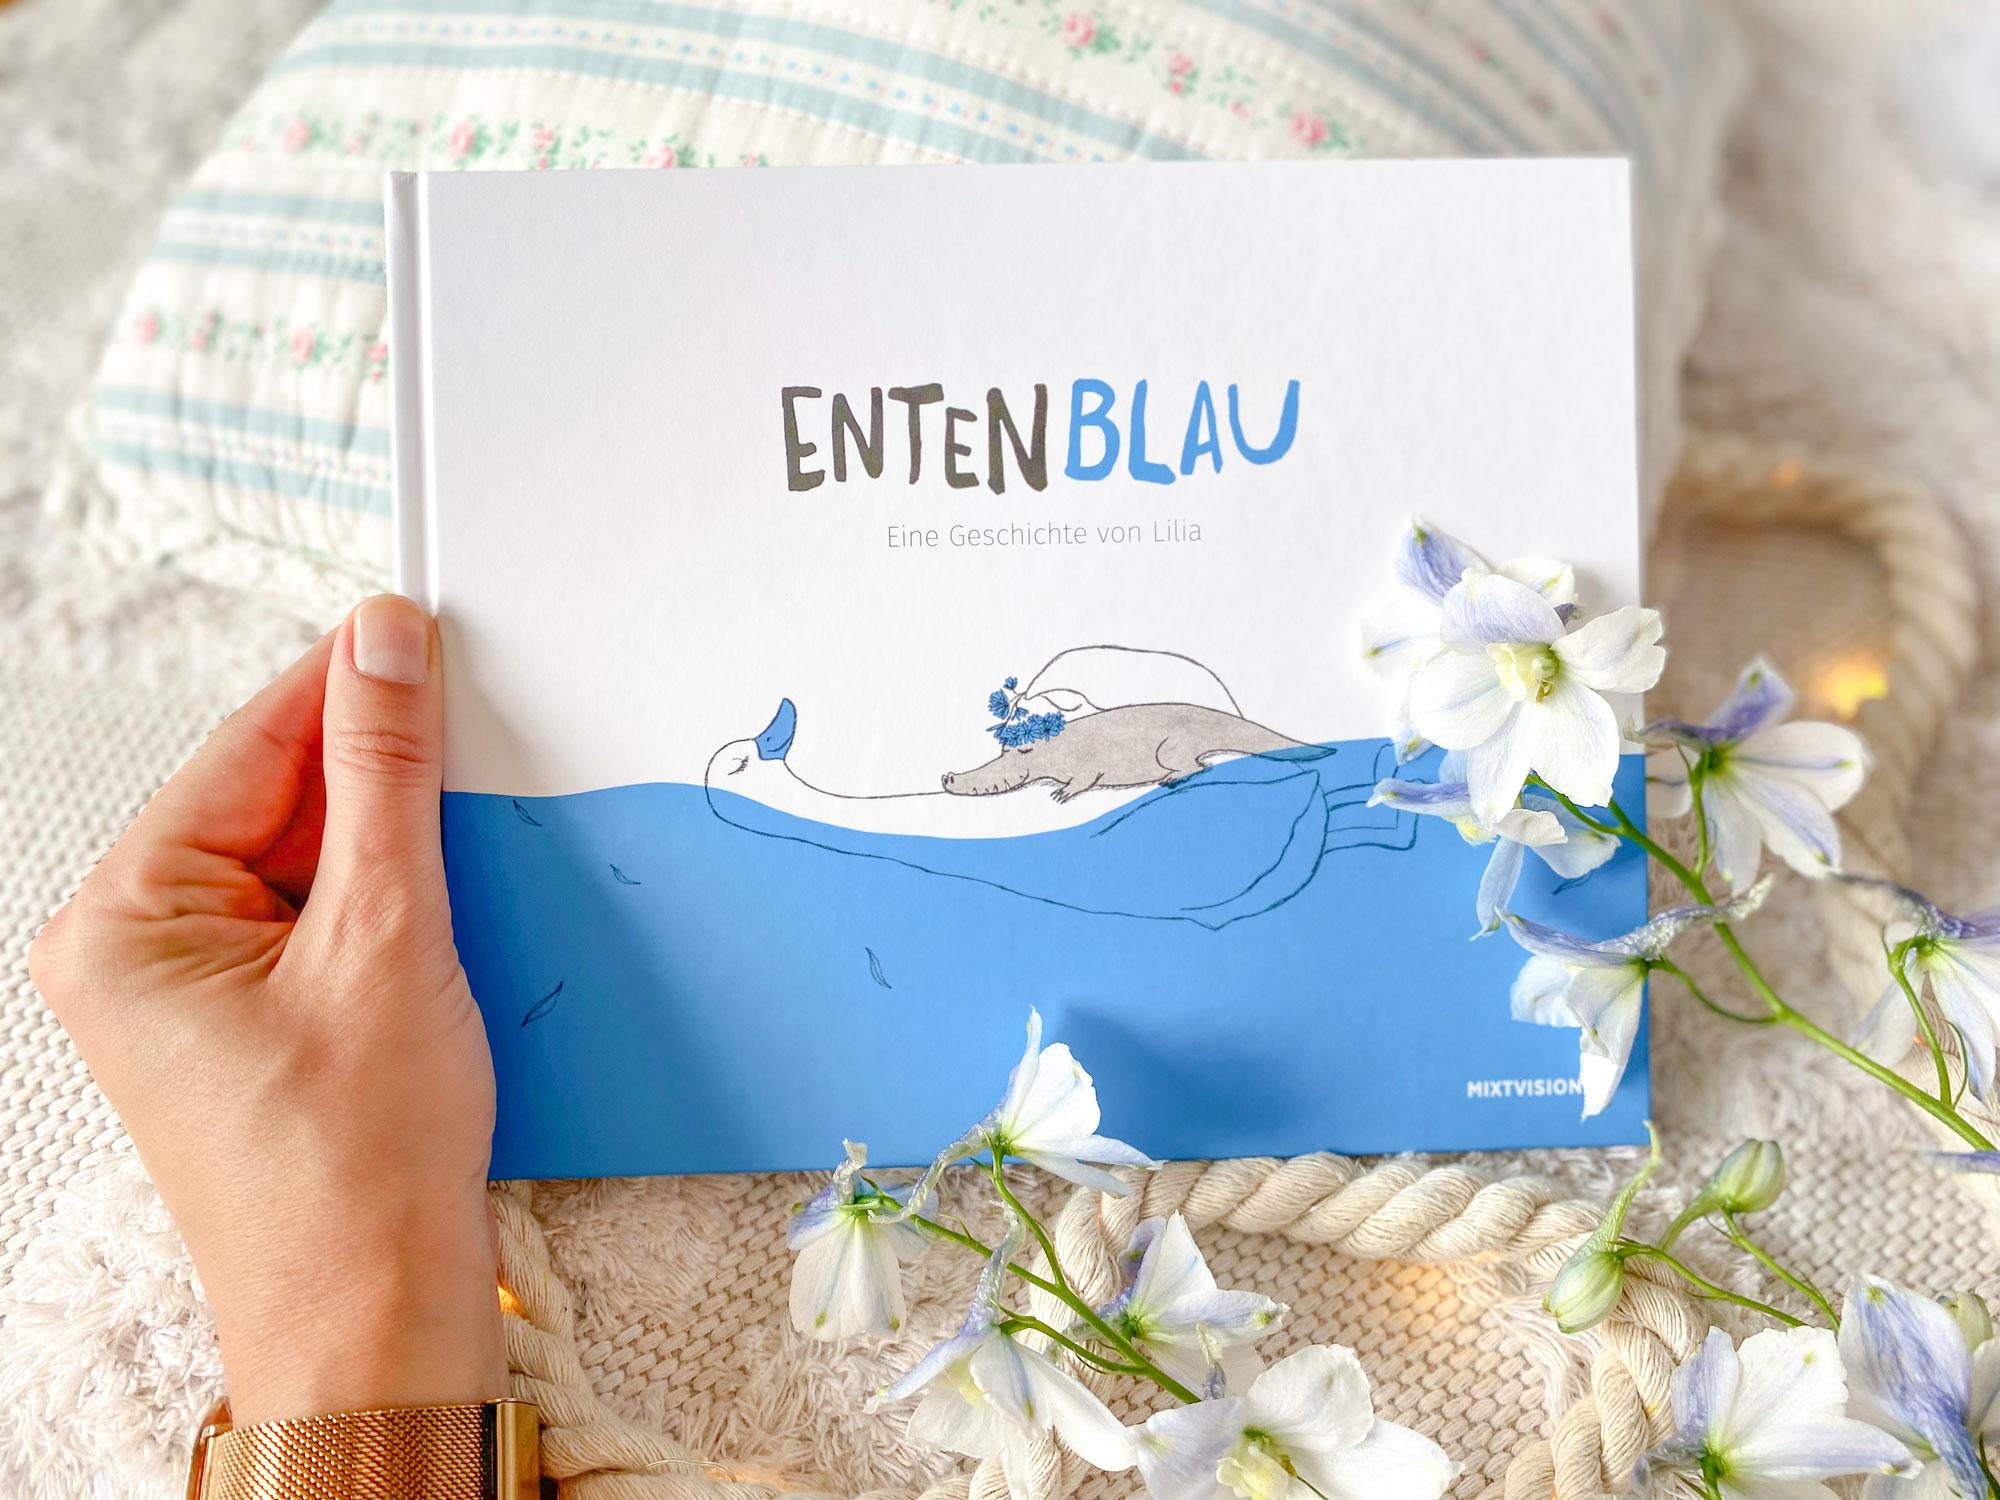 """""""Entenblau""""- eine Geschichte über bedingungslose Liebe und Zusammenhalt"""